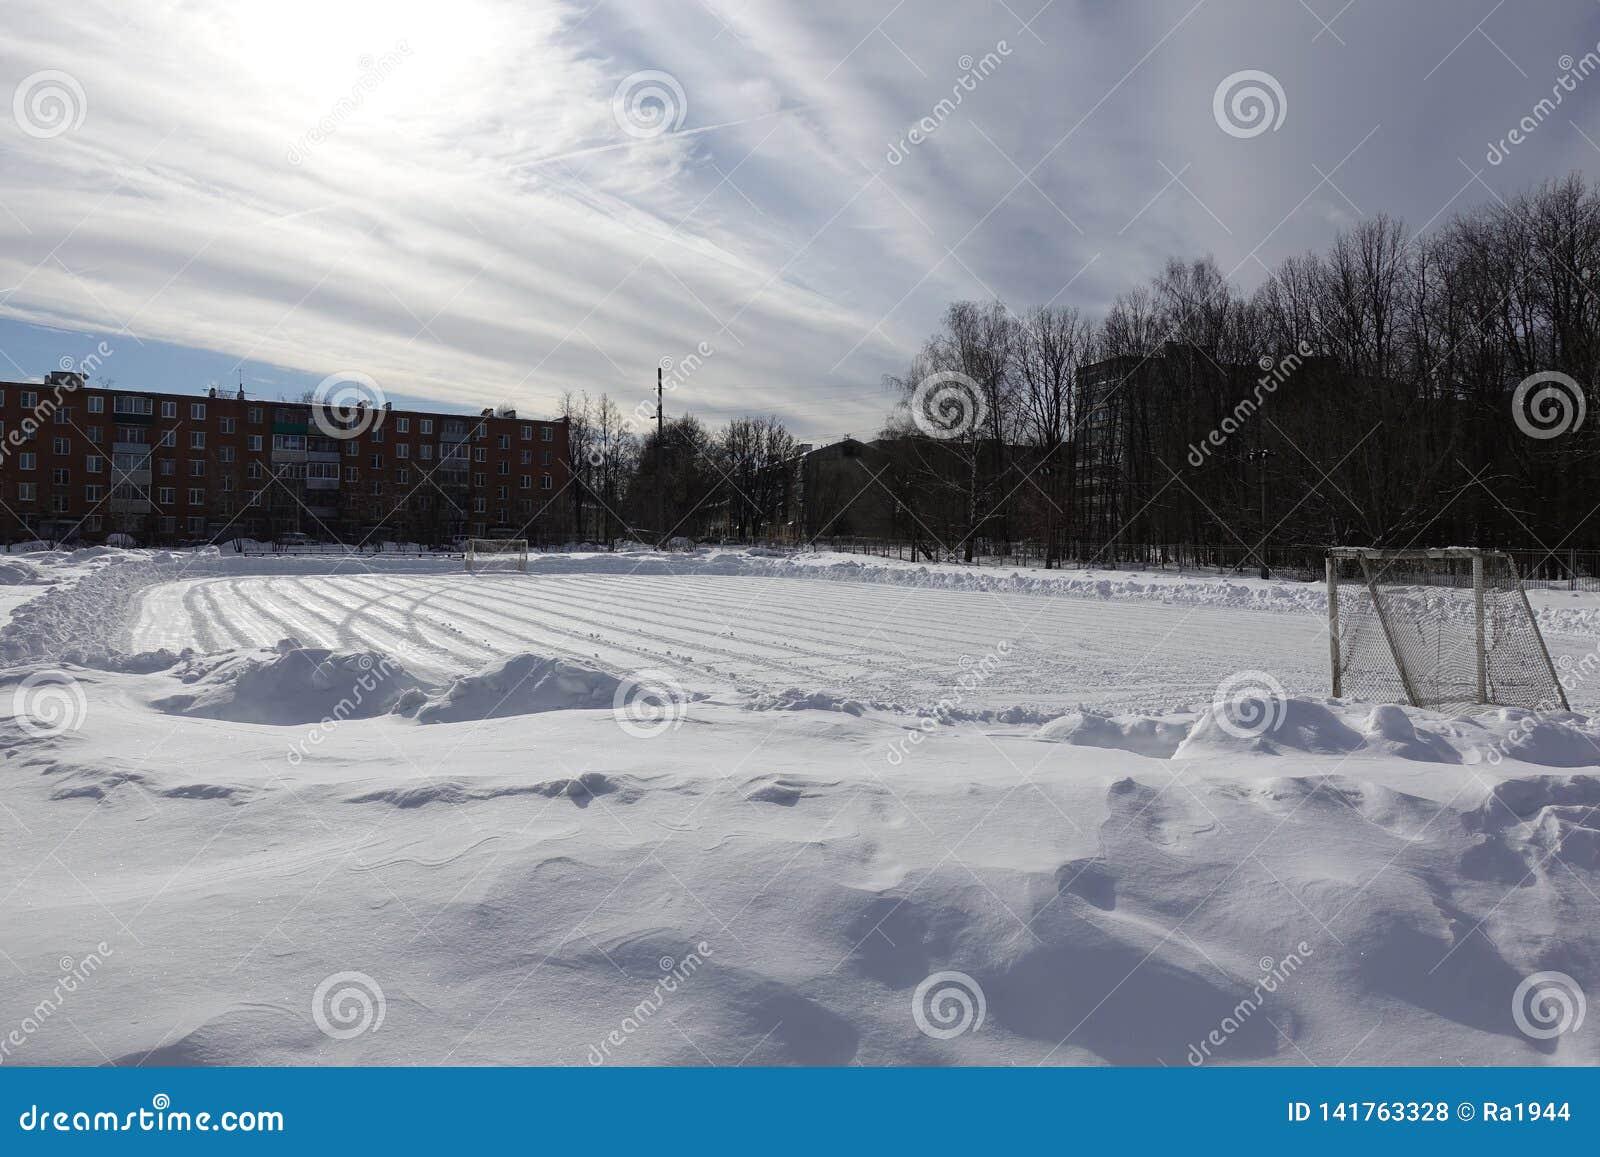 Fußballplatz im Schnee Geklärt vom Schnee